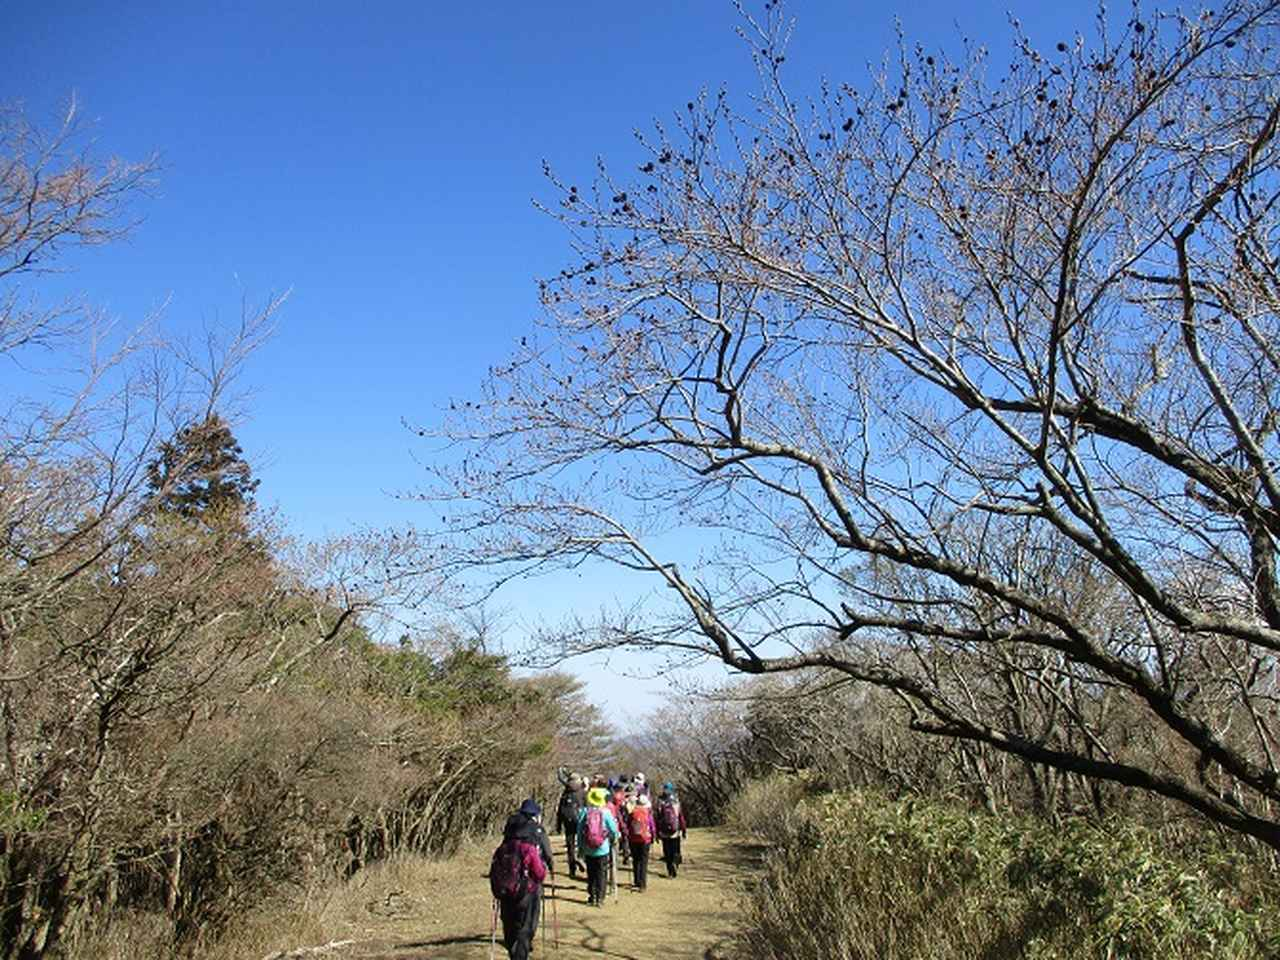 画像13: 3月8日に岡田ガイドと 達磨山 のツアーへ行ってきました♪